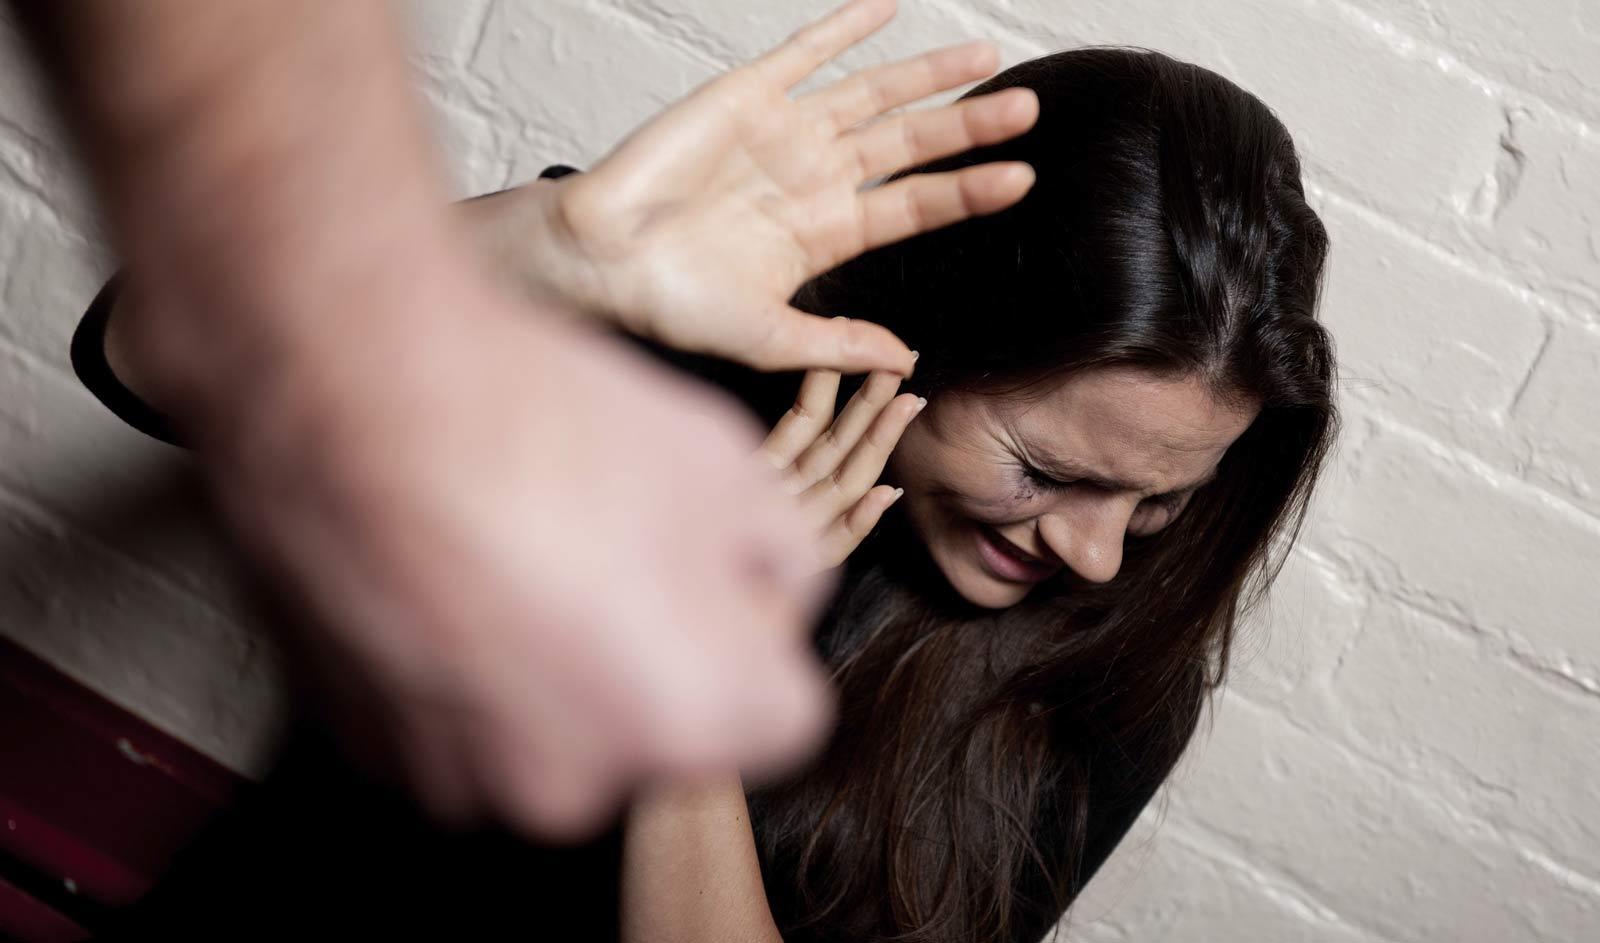 Contro la violenza sulle donne, la campagna della Regione tradotta in otto lingue